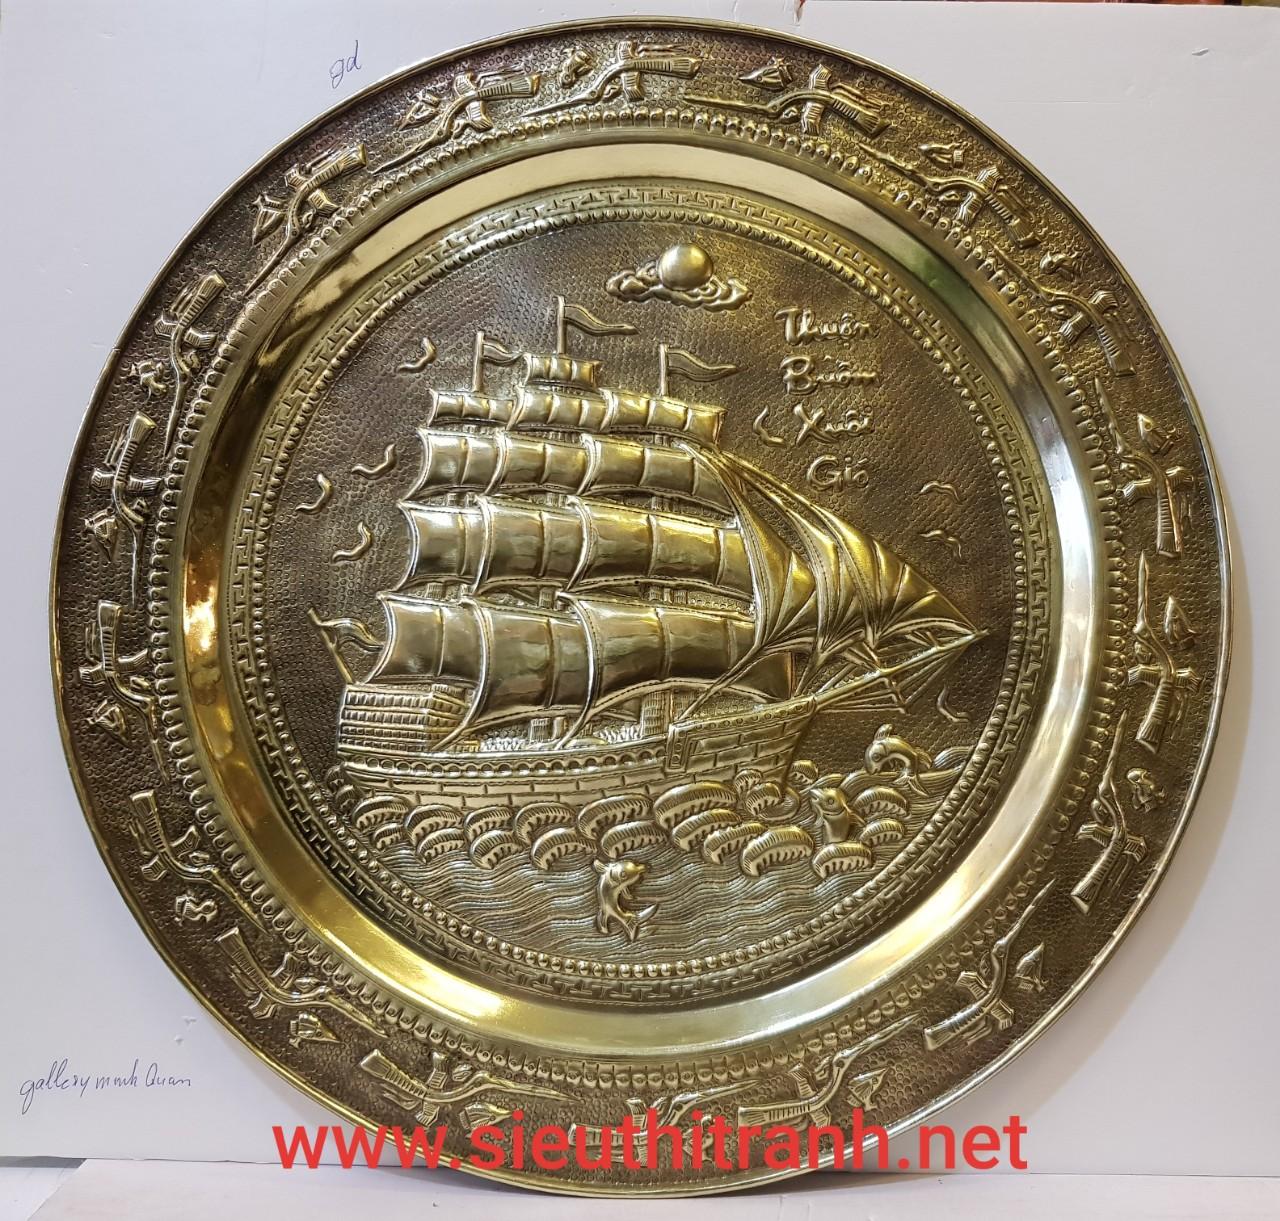 Tranh mâm đồng vàng nguyên chất – Thuận Buồm Xuôi Gió -A217